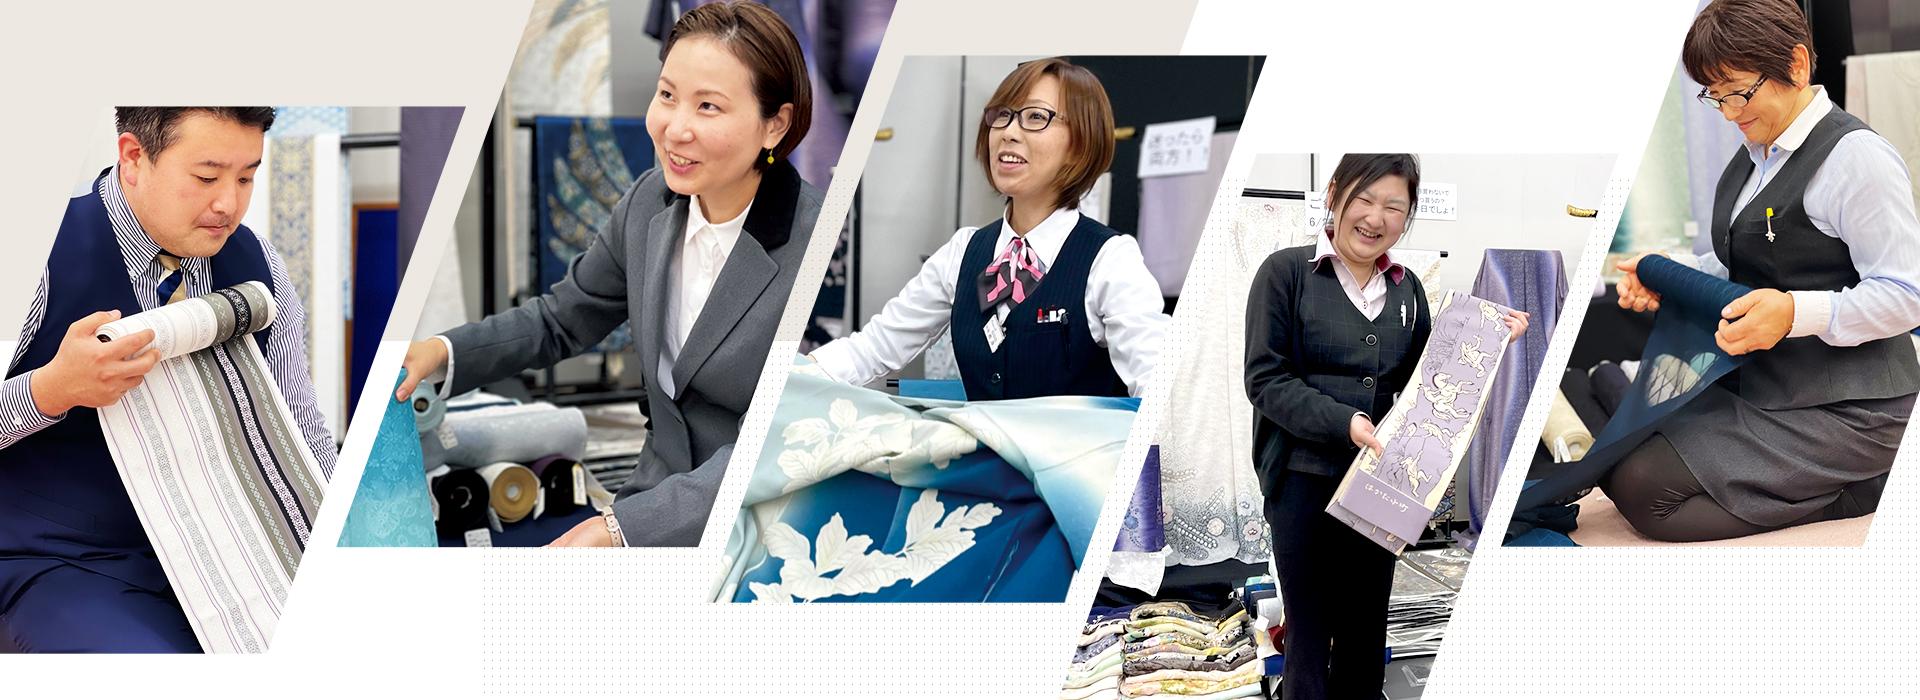 千葉県の着物・振袖店みかわやの求人情報